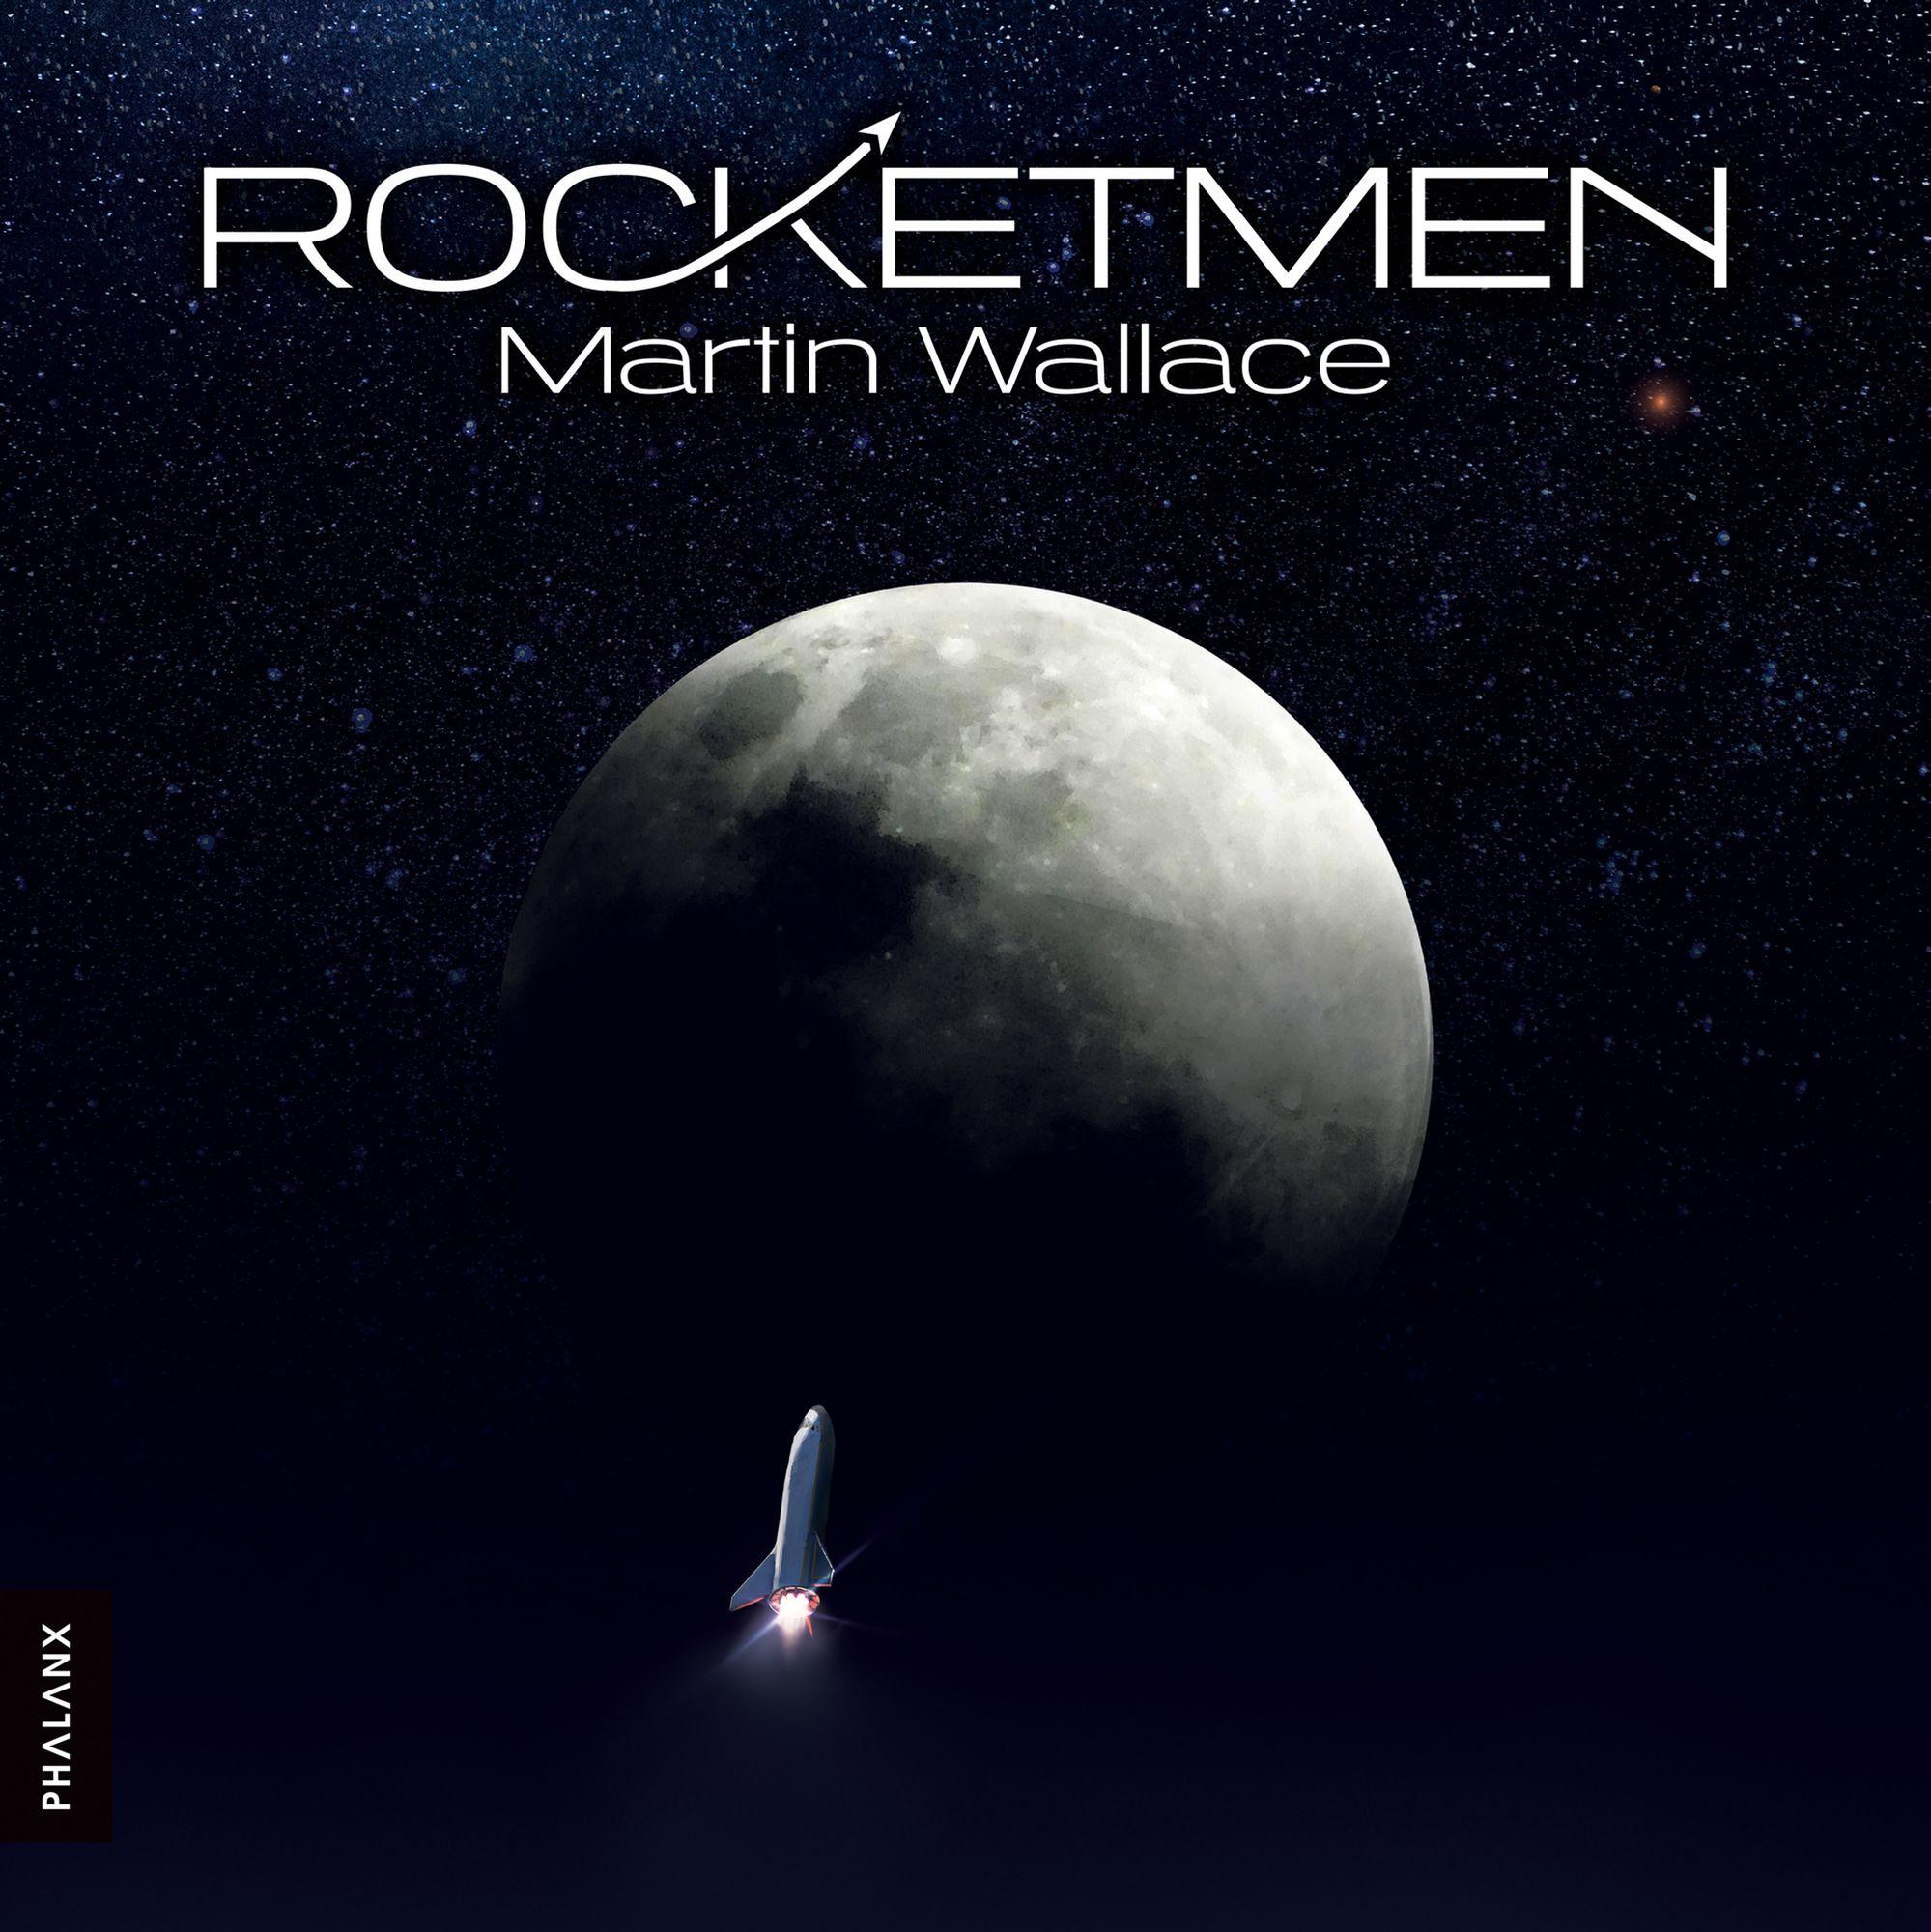 Rocketmen en español